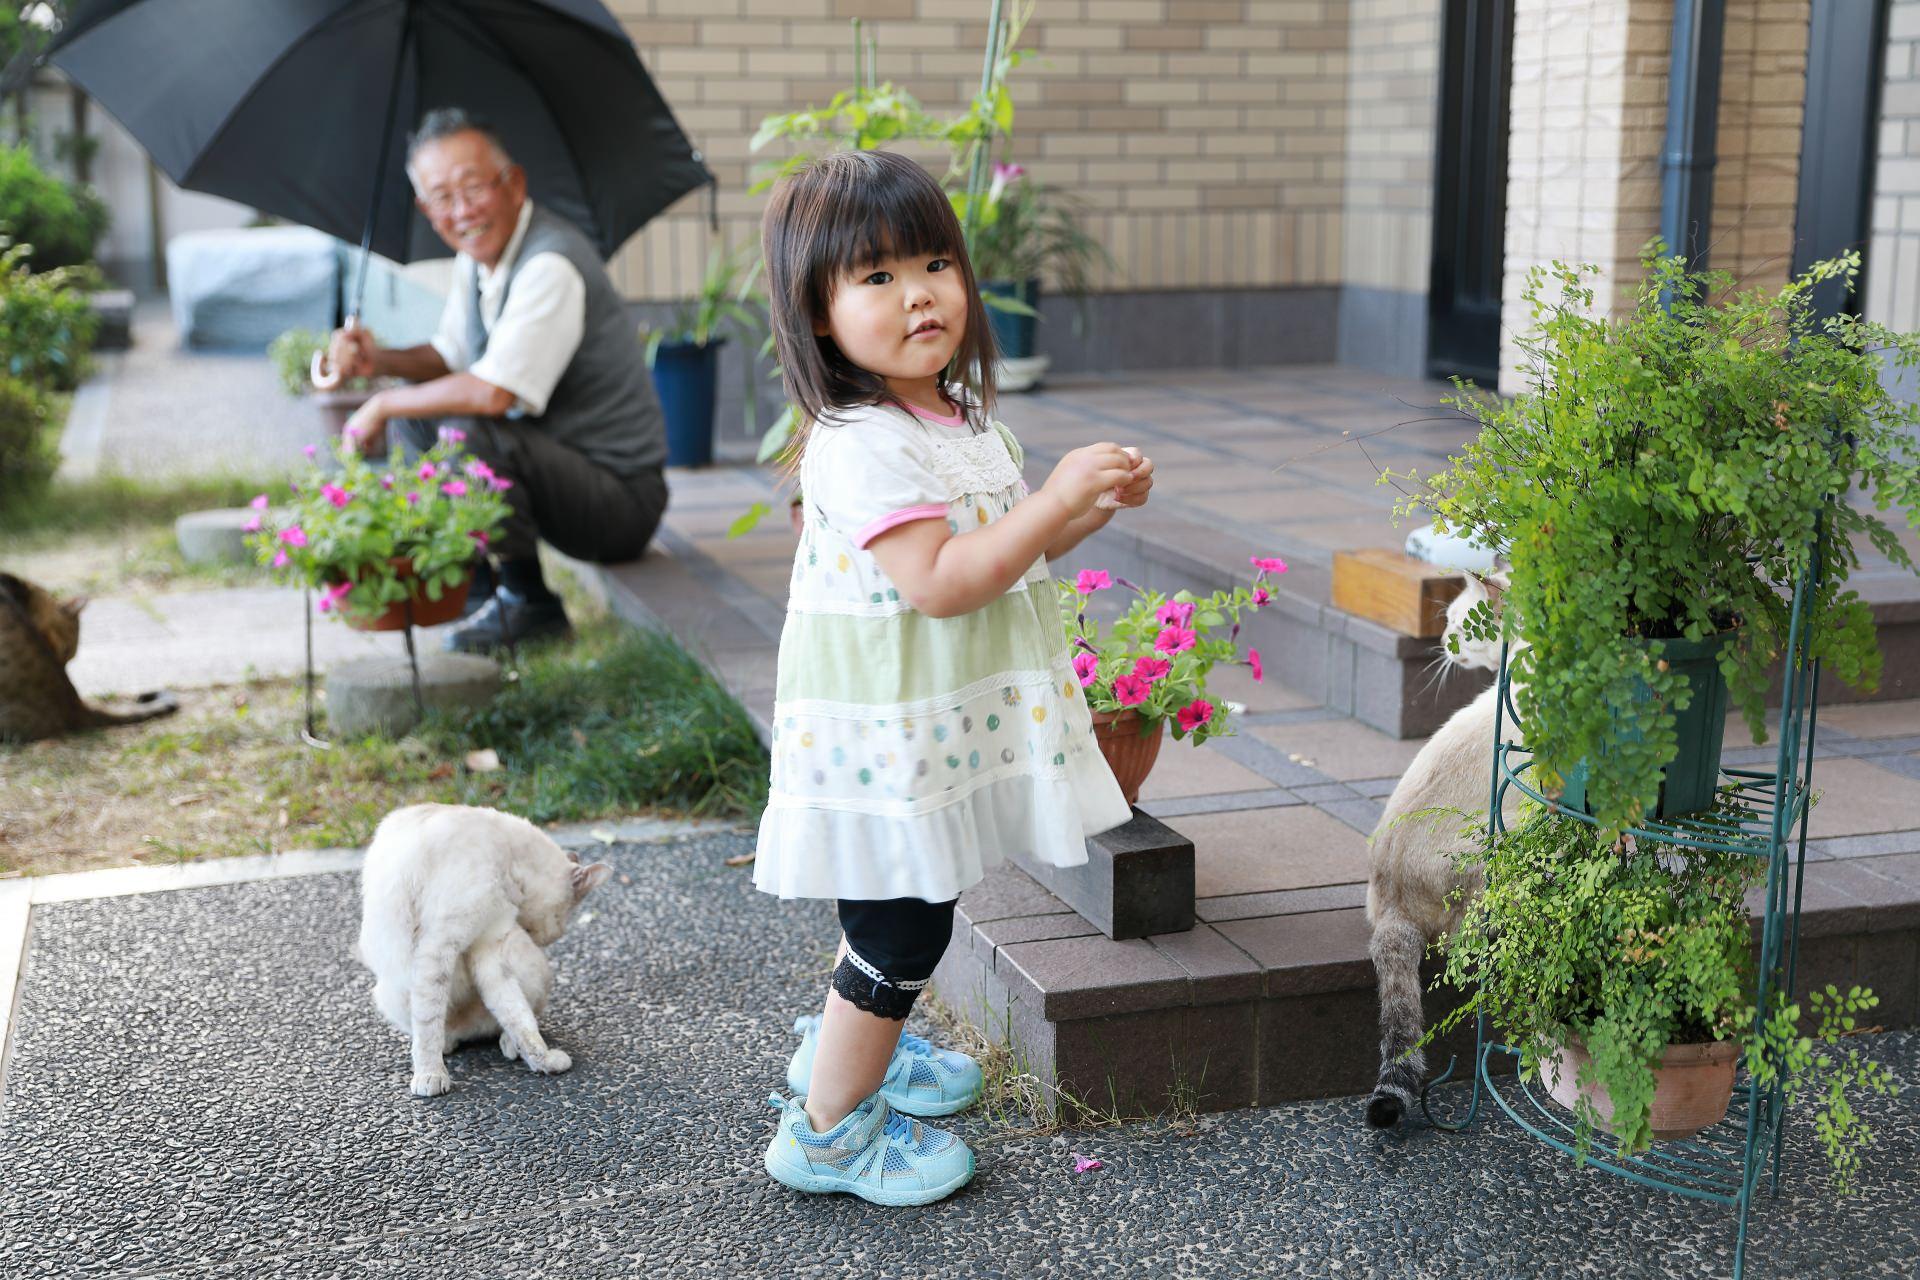 敬老の日には花鉢植えを贈って日々の楽しみをプレゼント